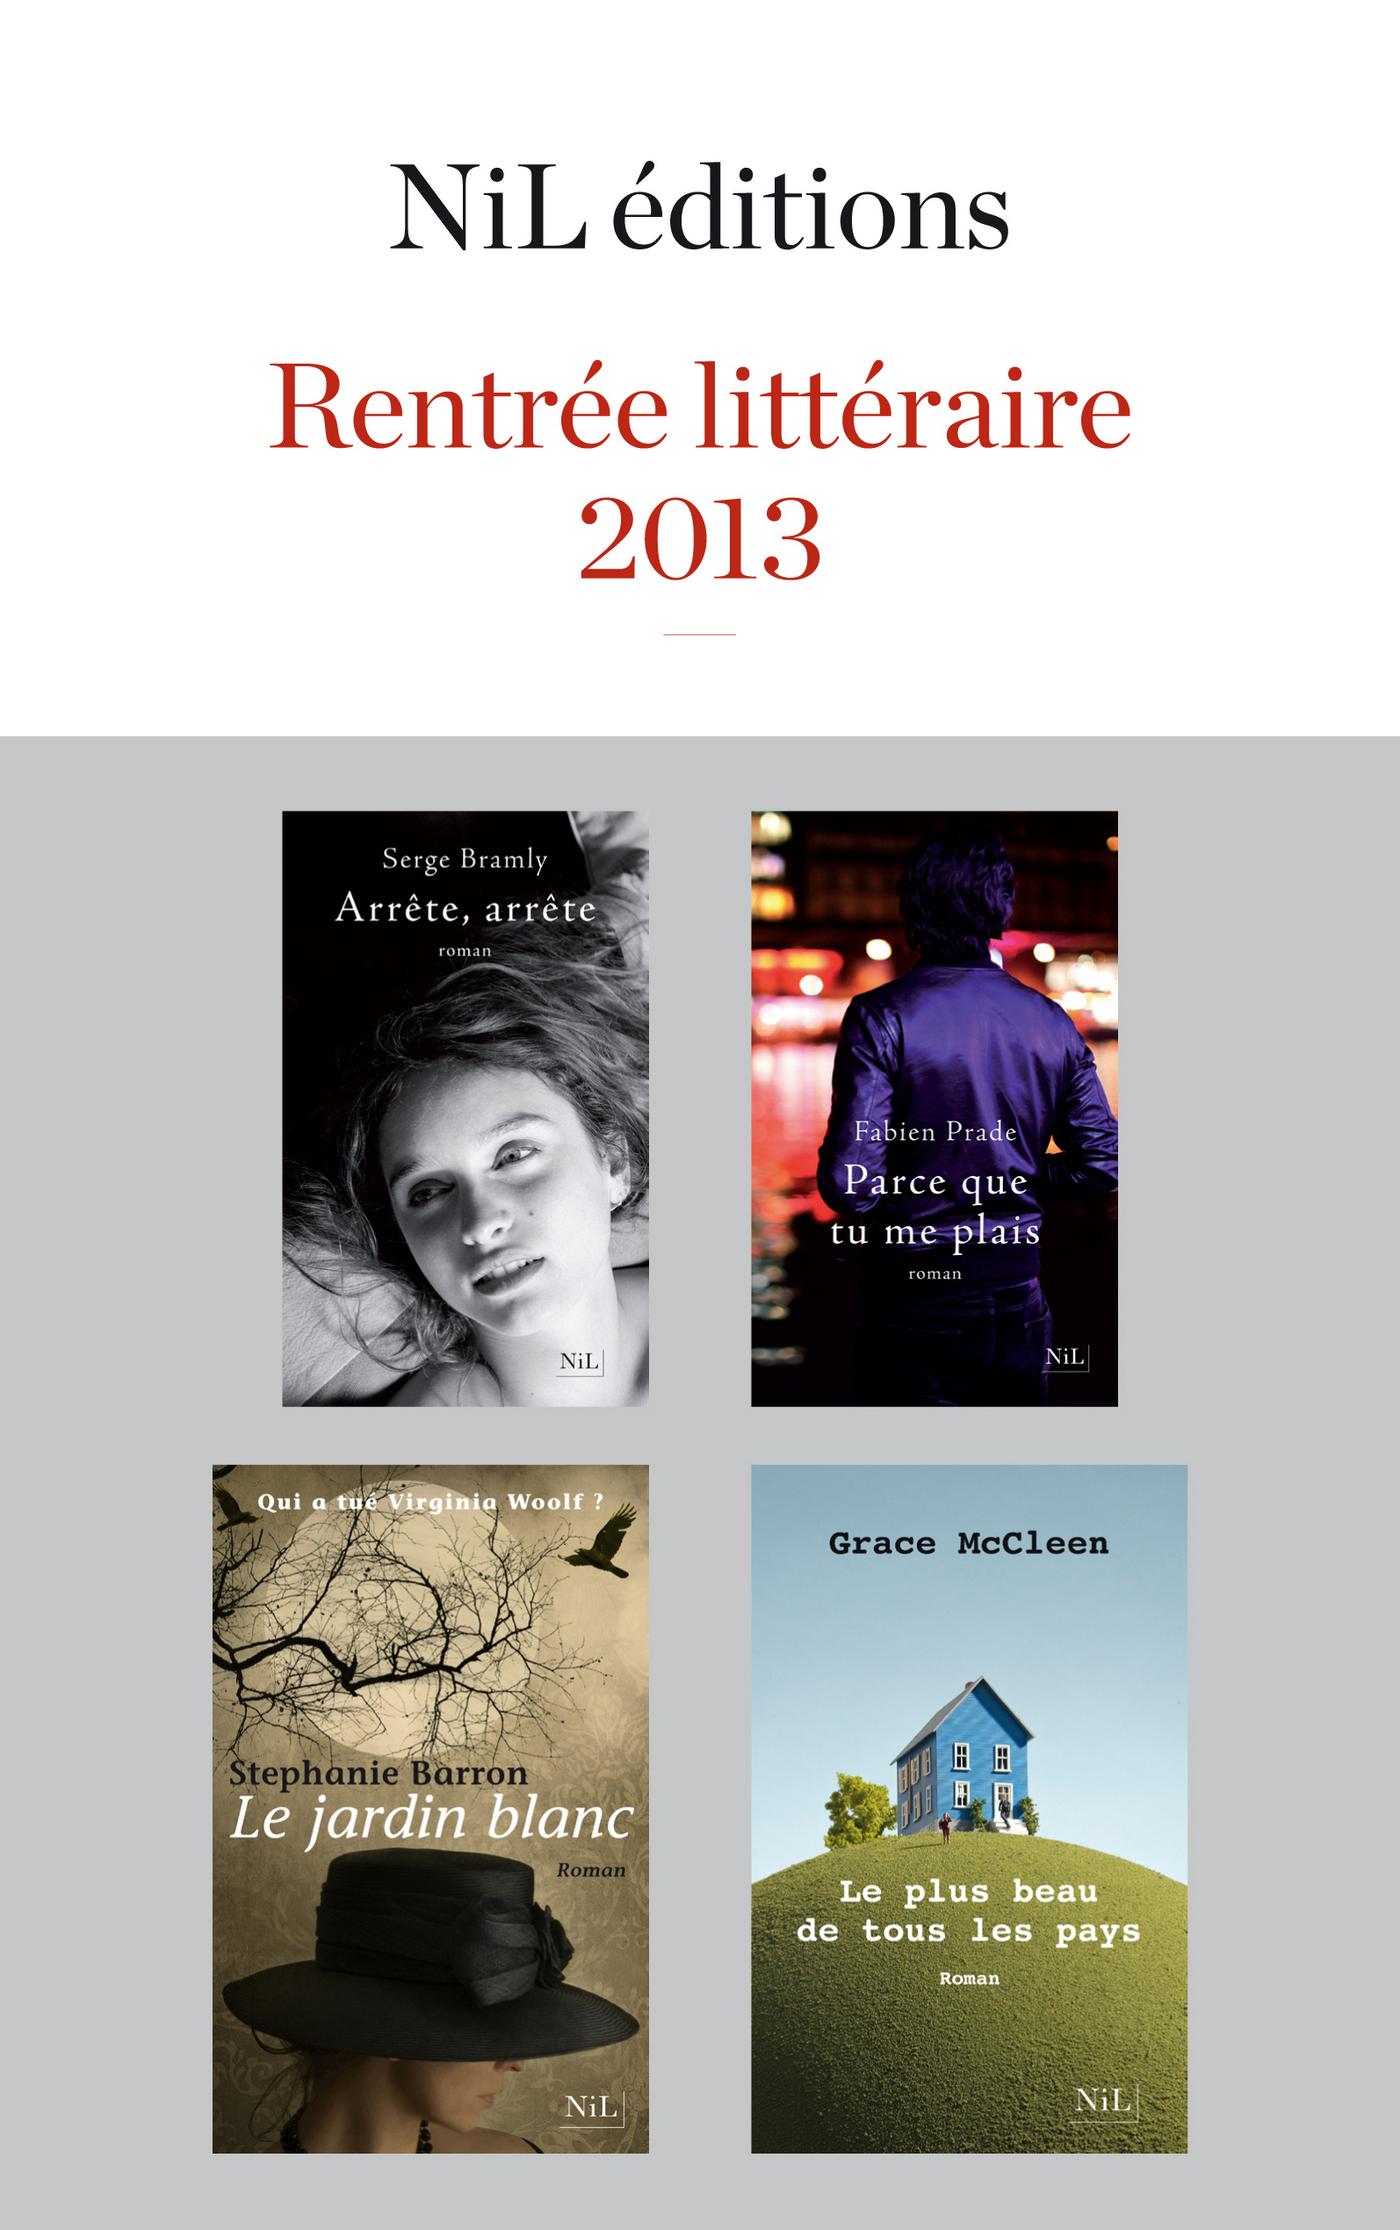 Rentrée littéraire 2013 - NiL éditions - Extraits gratuits (ebook)